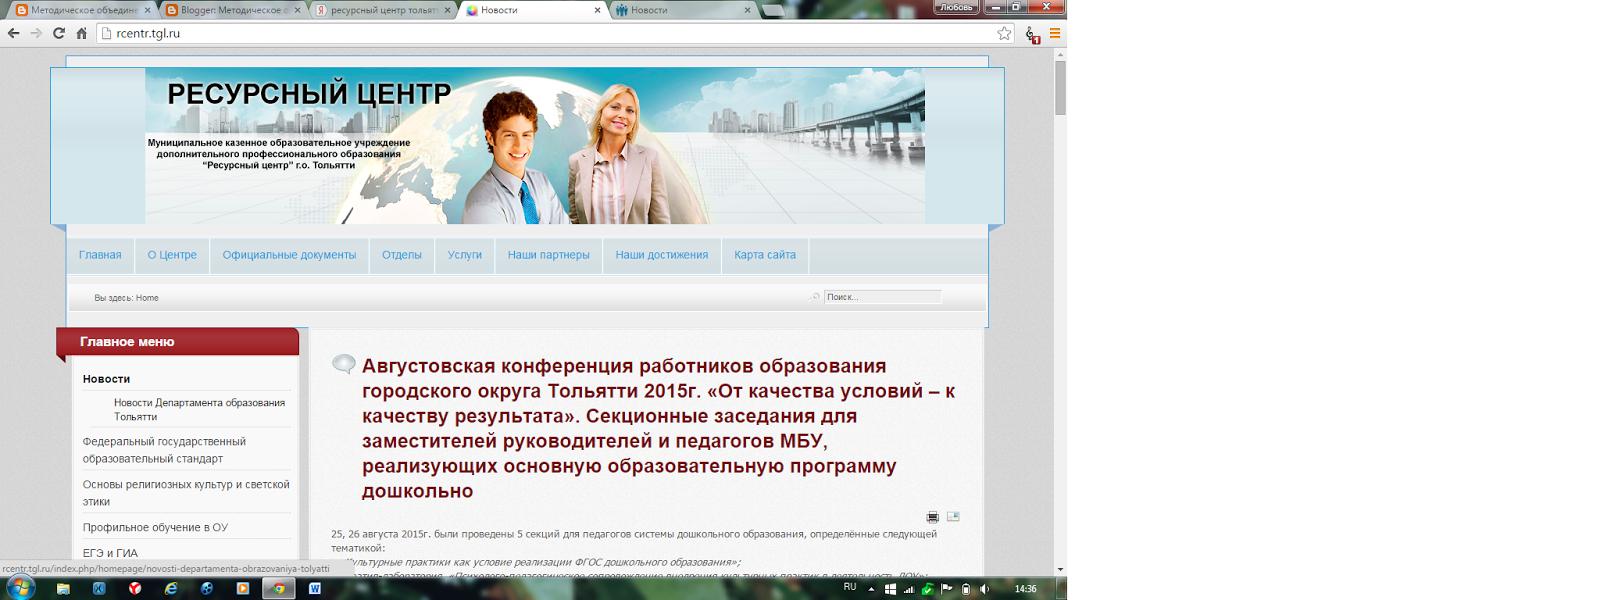 Ресурсный центр г.о. Тольятти